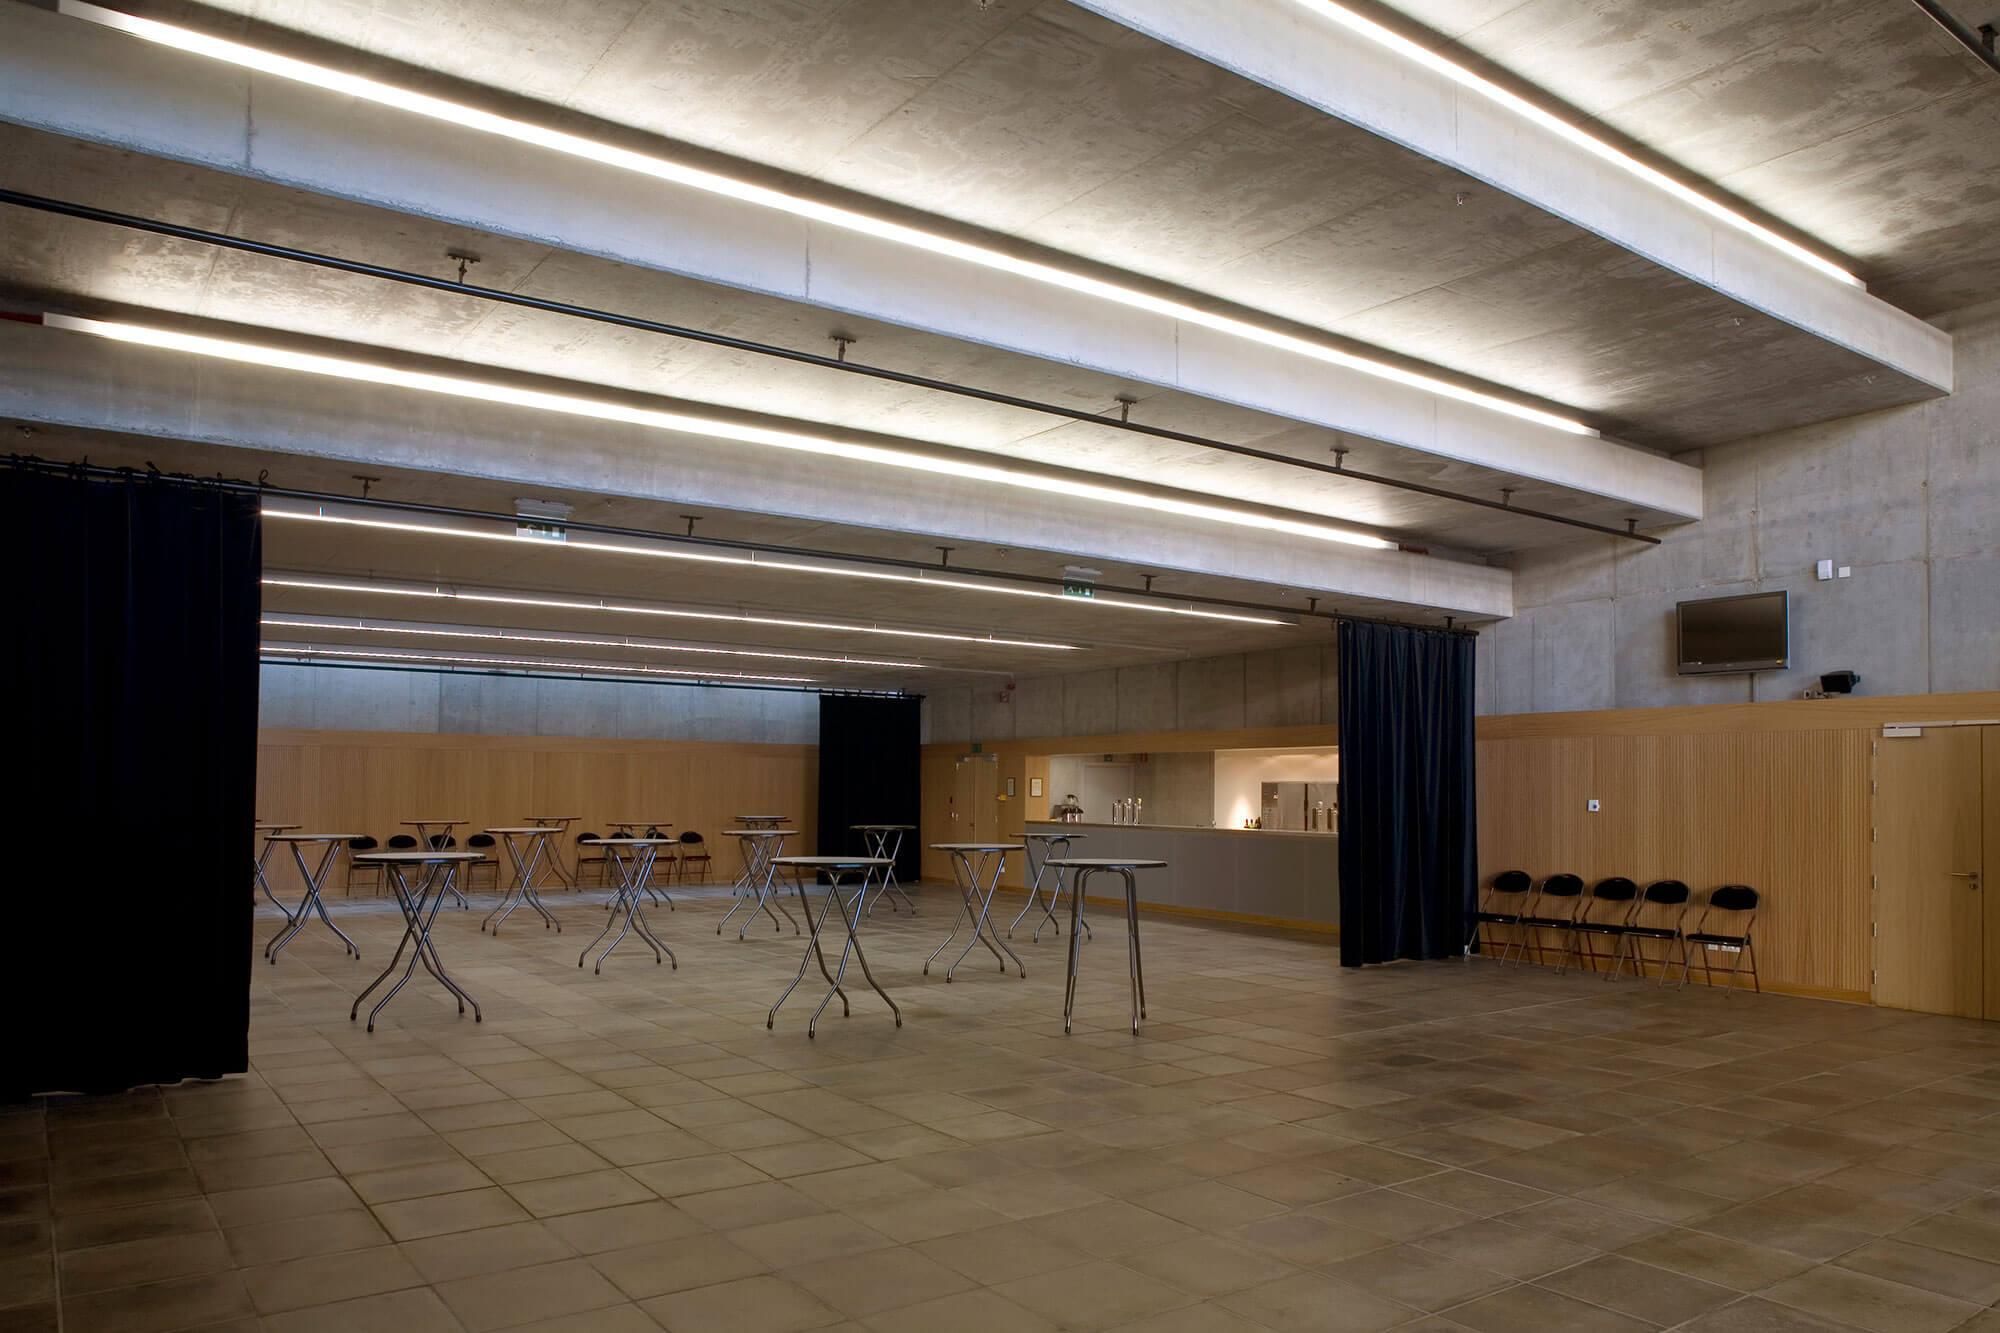 De foyer/receptieruimte werd voorzien van indirecte lichtlijnen, een grote bar en de mogelijkheid om de zaal in aparte zones te verdelen door middel van zware doeken.